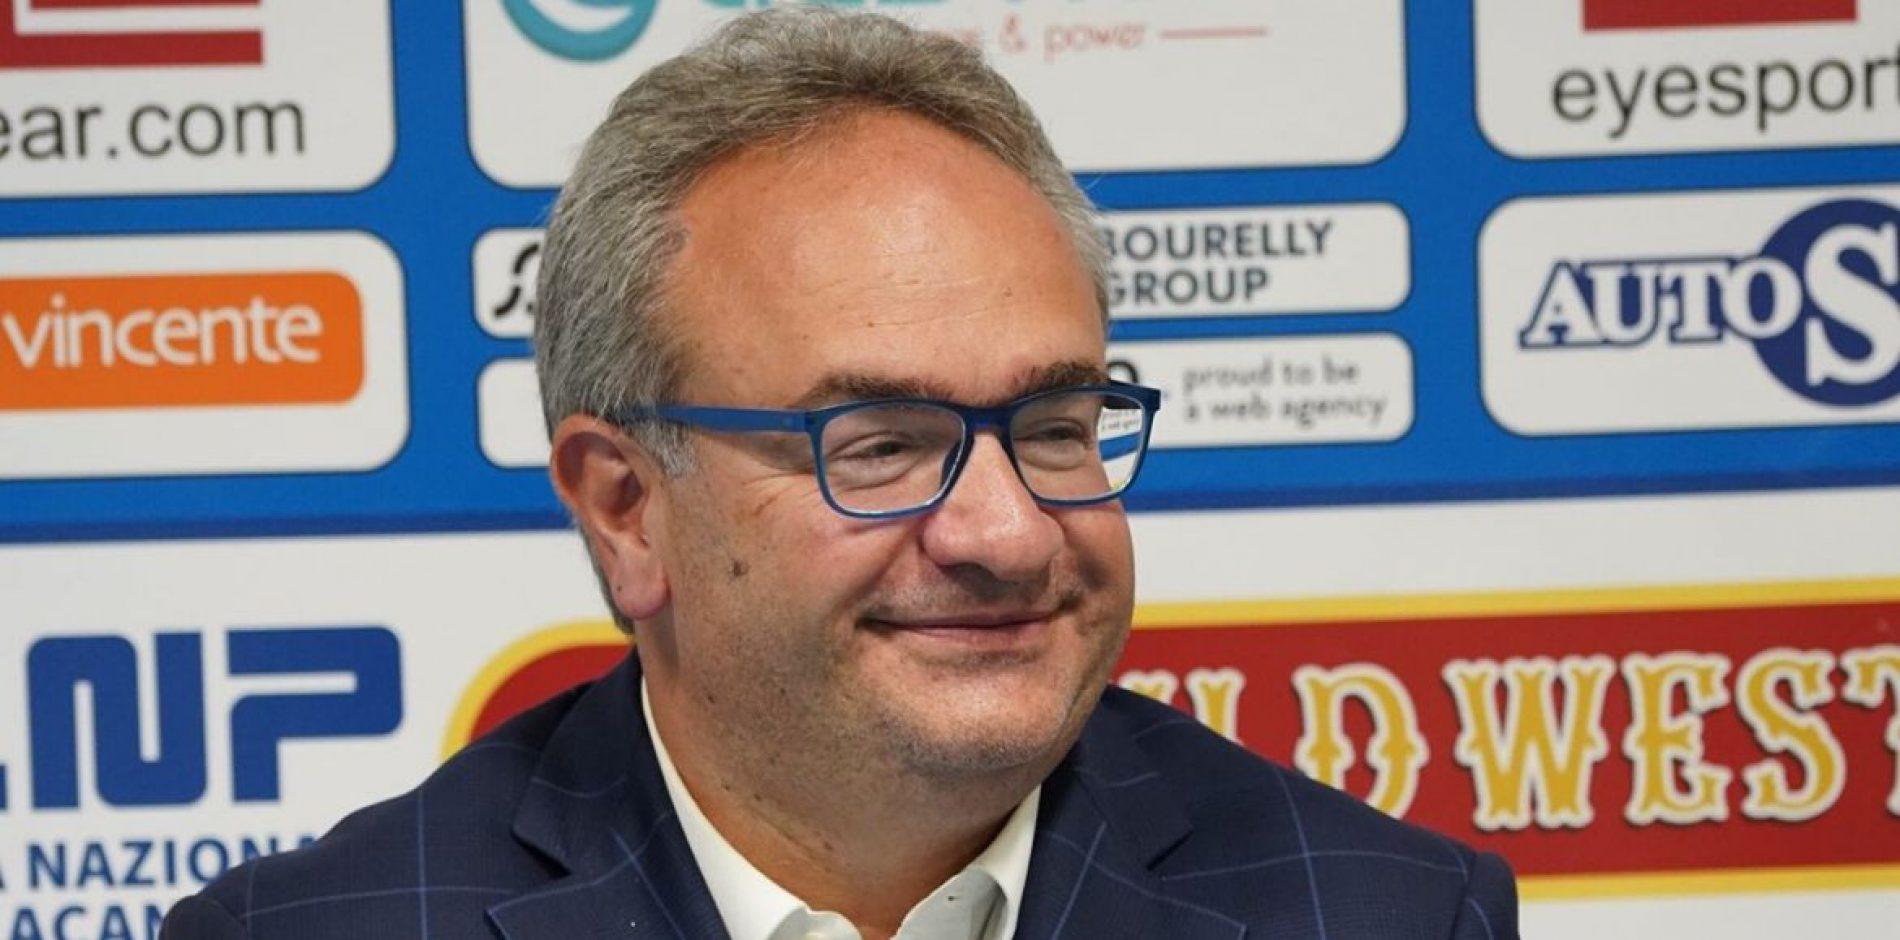 Gevi Napoli basket – Pino Sacripanti è ufficialmente il nuovo head coach degli azzurri